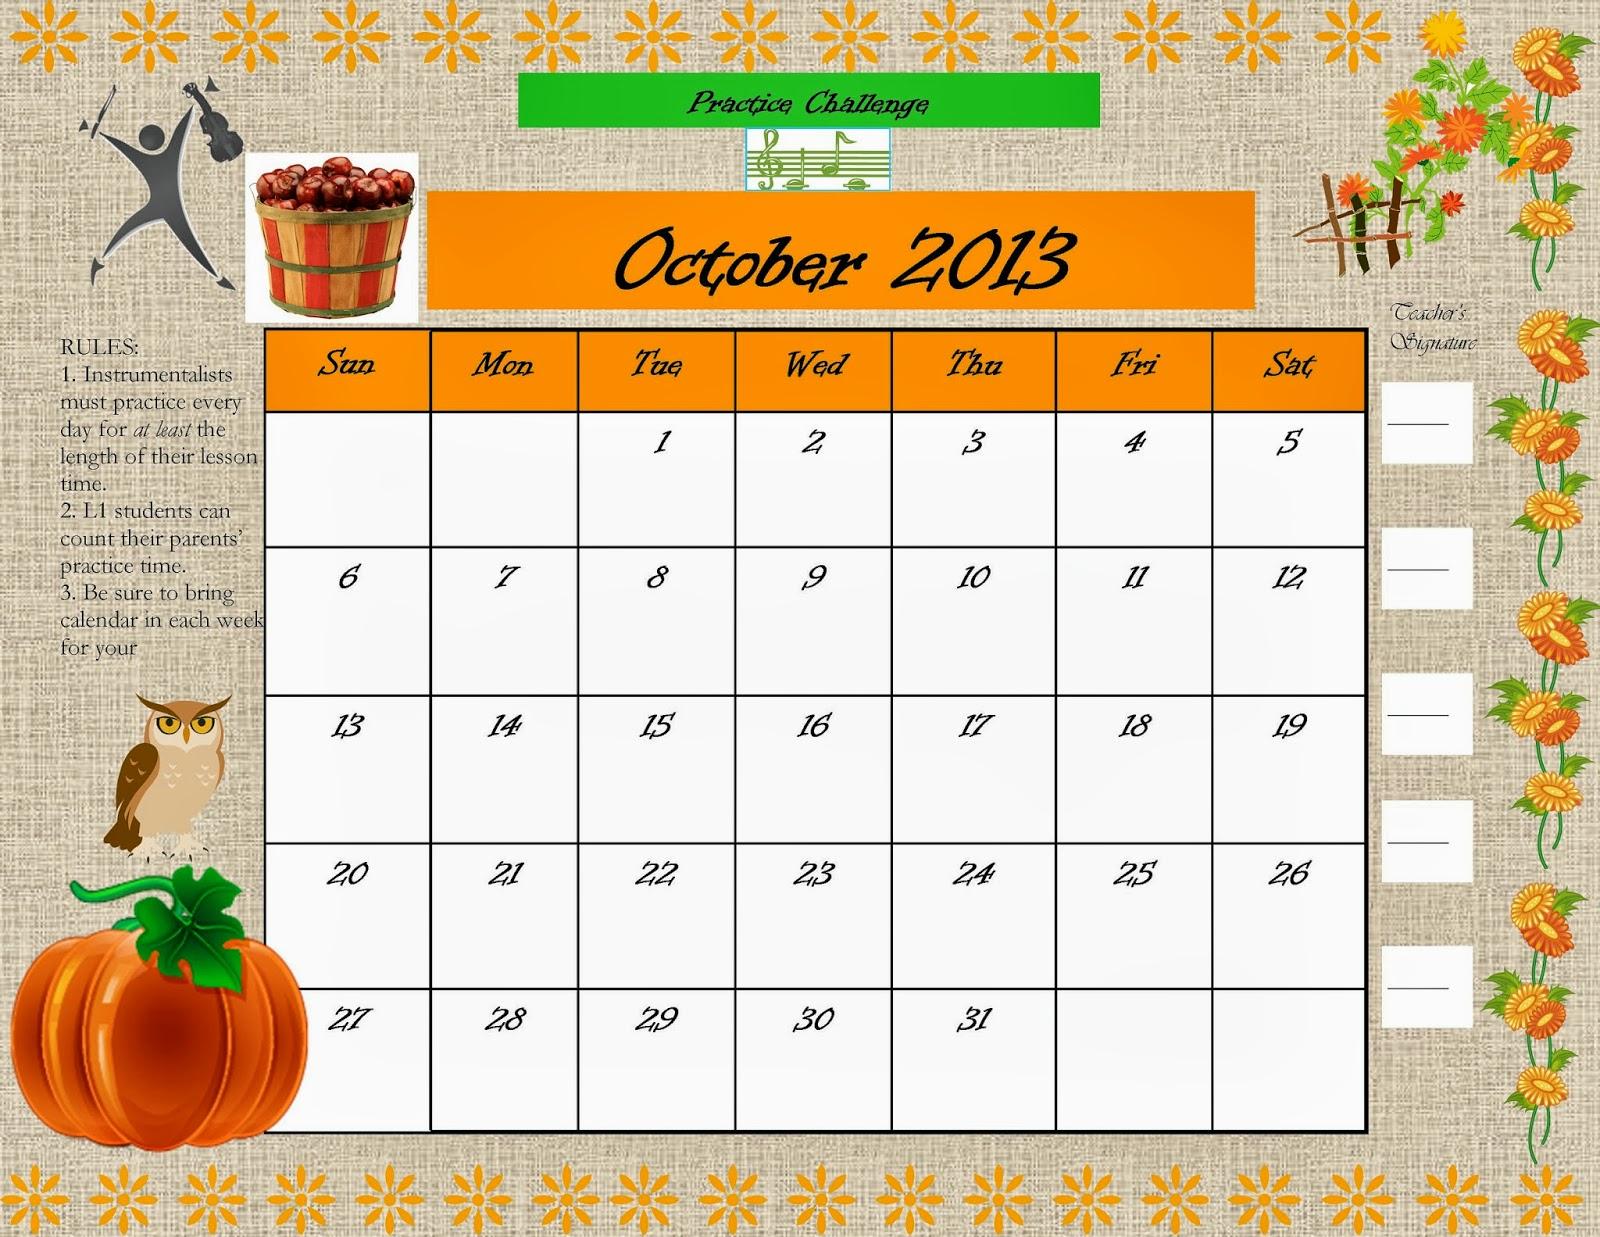 October Photo Challenge 2013 October practice challenge!